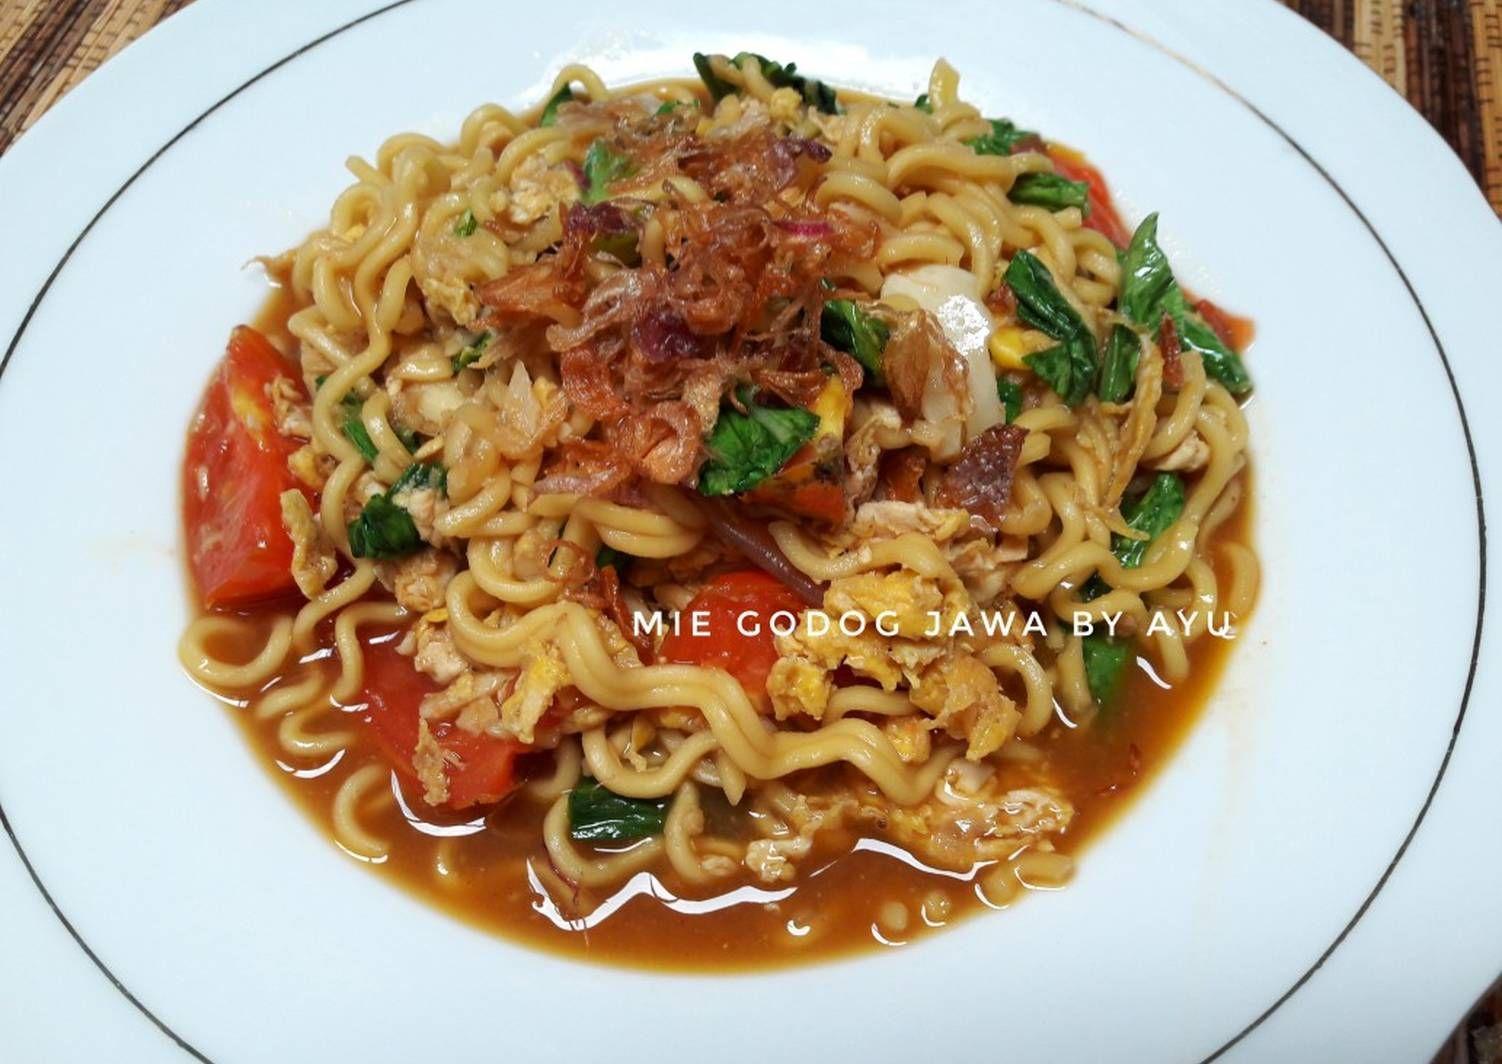 Resep Mie Godog Jawa No Vitsin Oleh Ayuanita Petrisia Resep Resep Masakan Resep Resep Makanan Cina